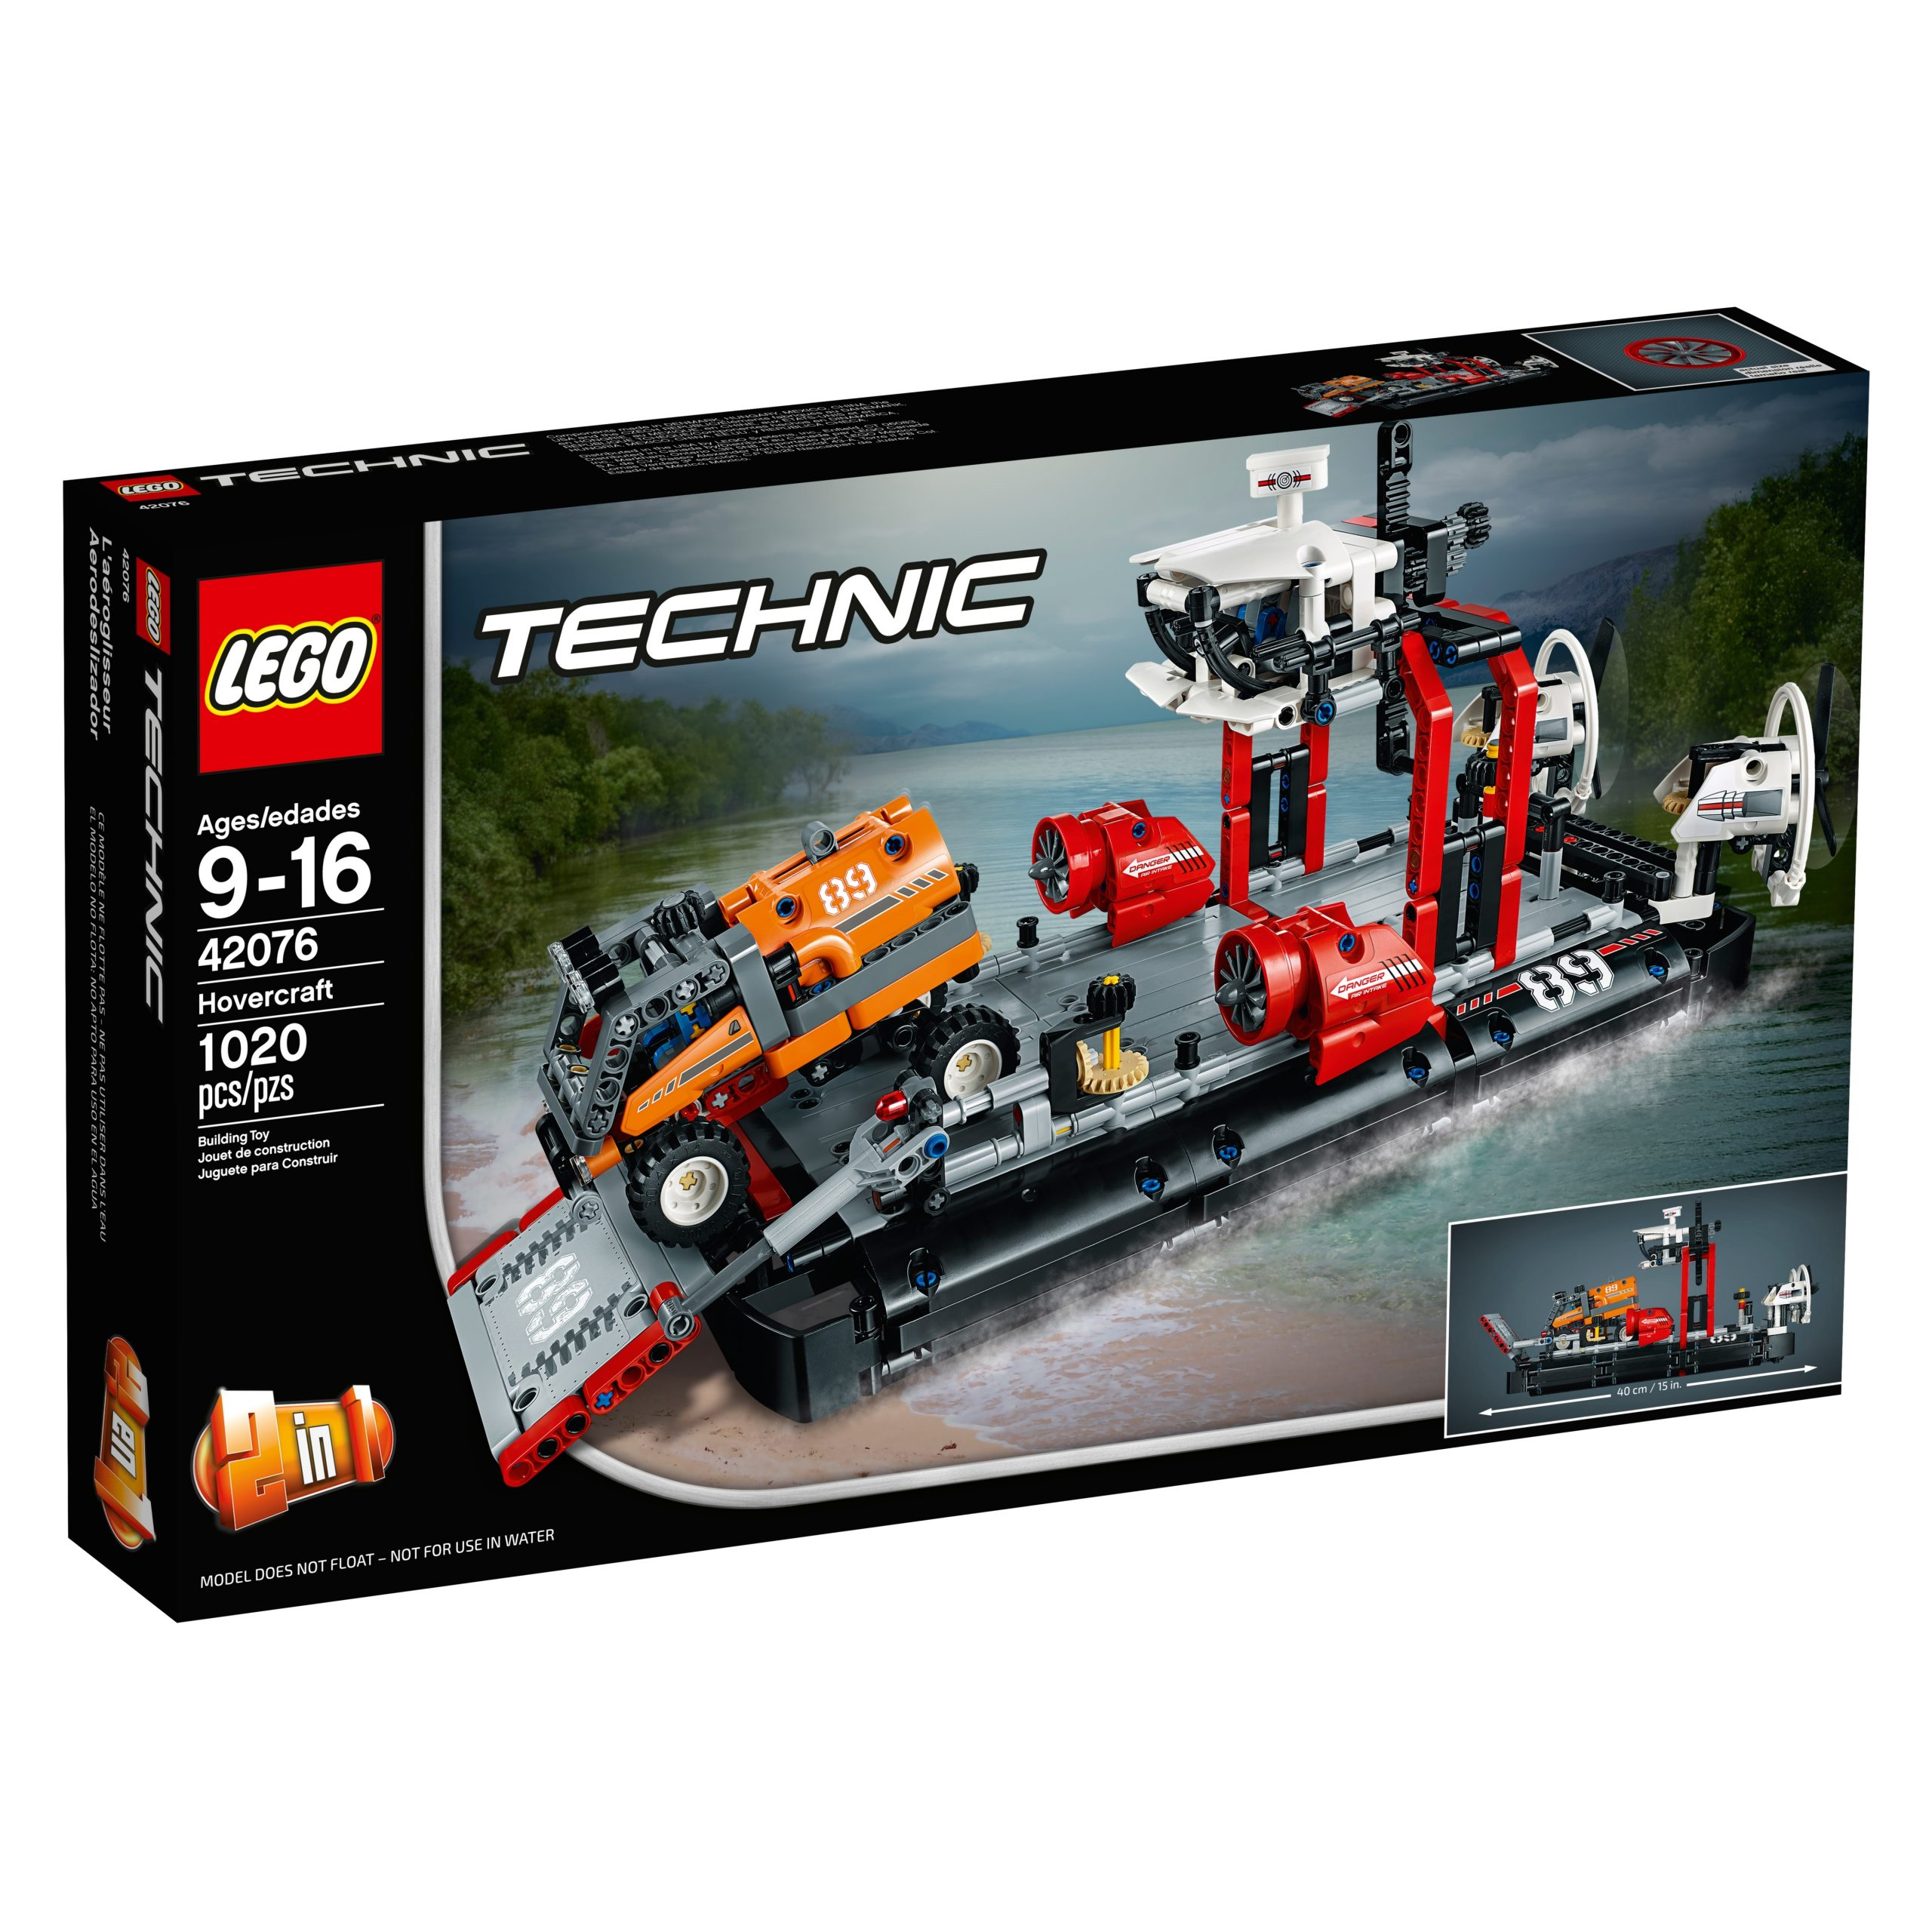 lego 42076 hovercraft scaled